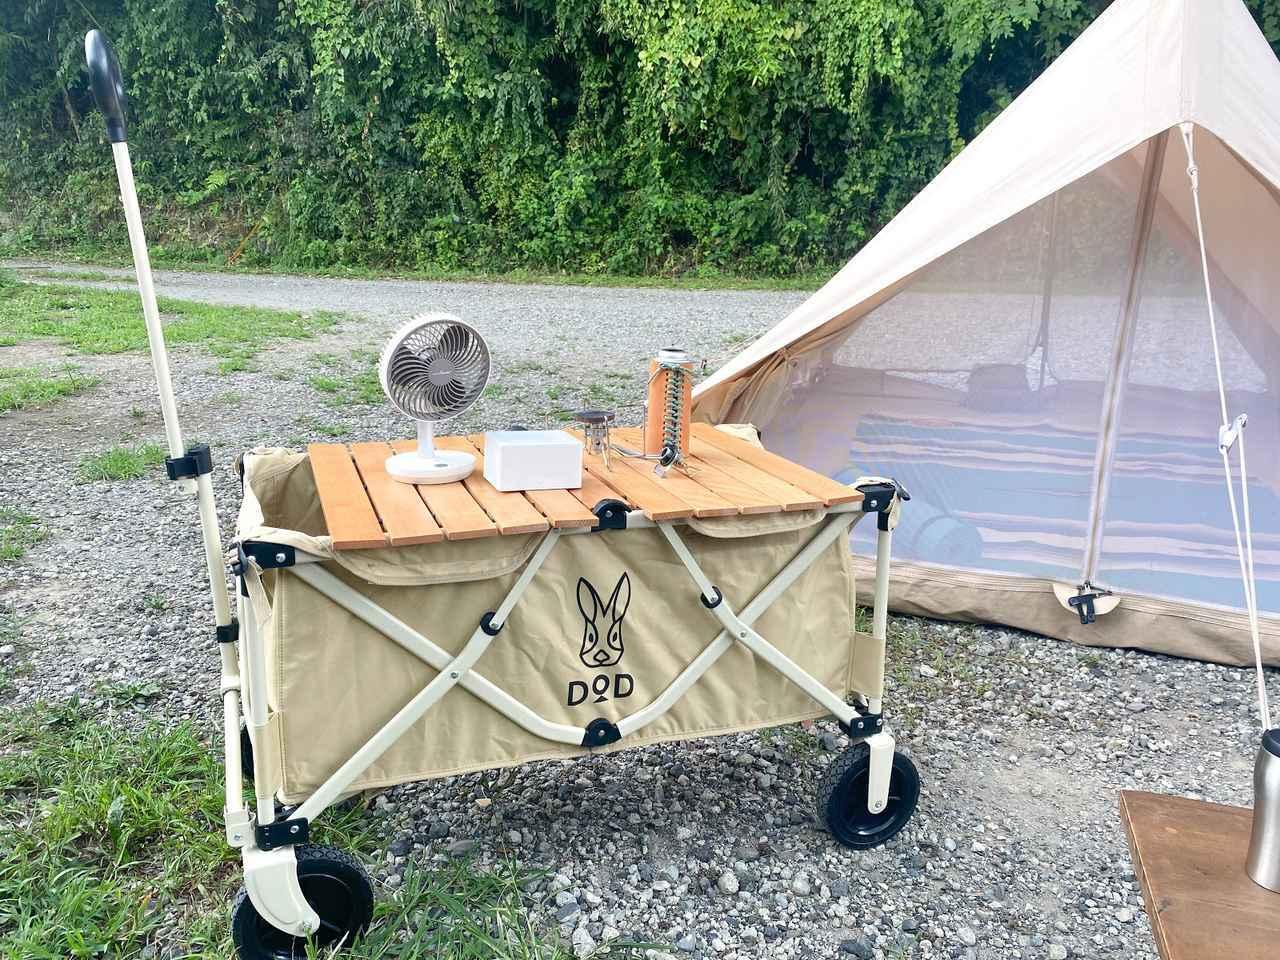 画像: 【筆者愛用】大型タイヤ&安心強度な、DODのキャリーワゴン キャンプの荷物運びはコレ! - ハピキャン キャンプ・アウトドア情報メディア